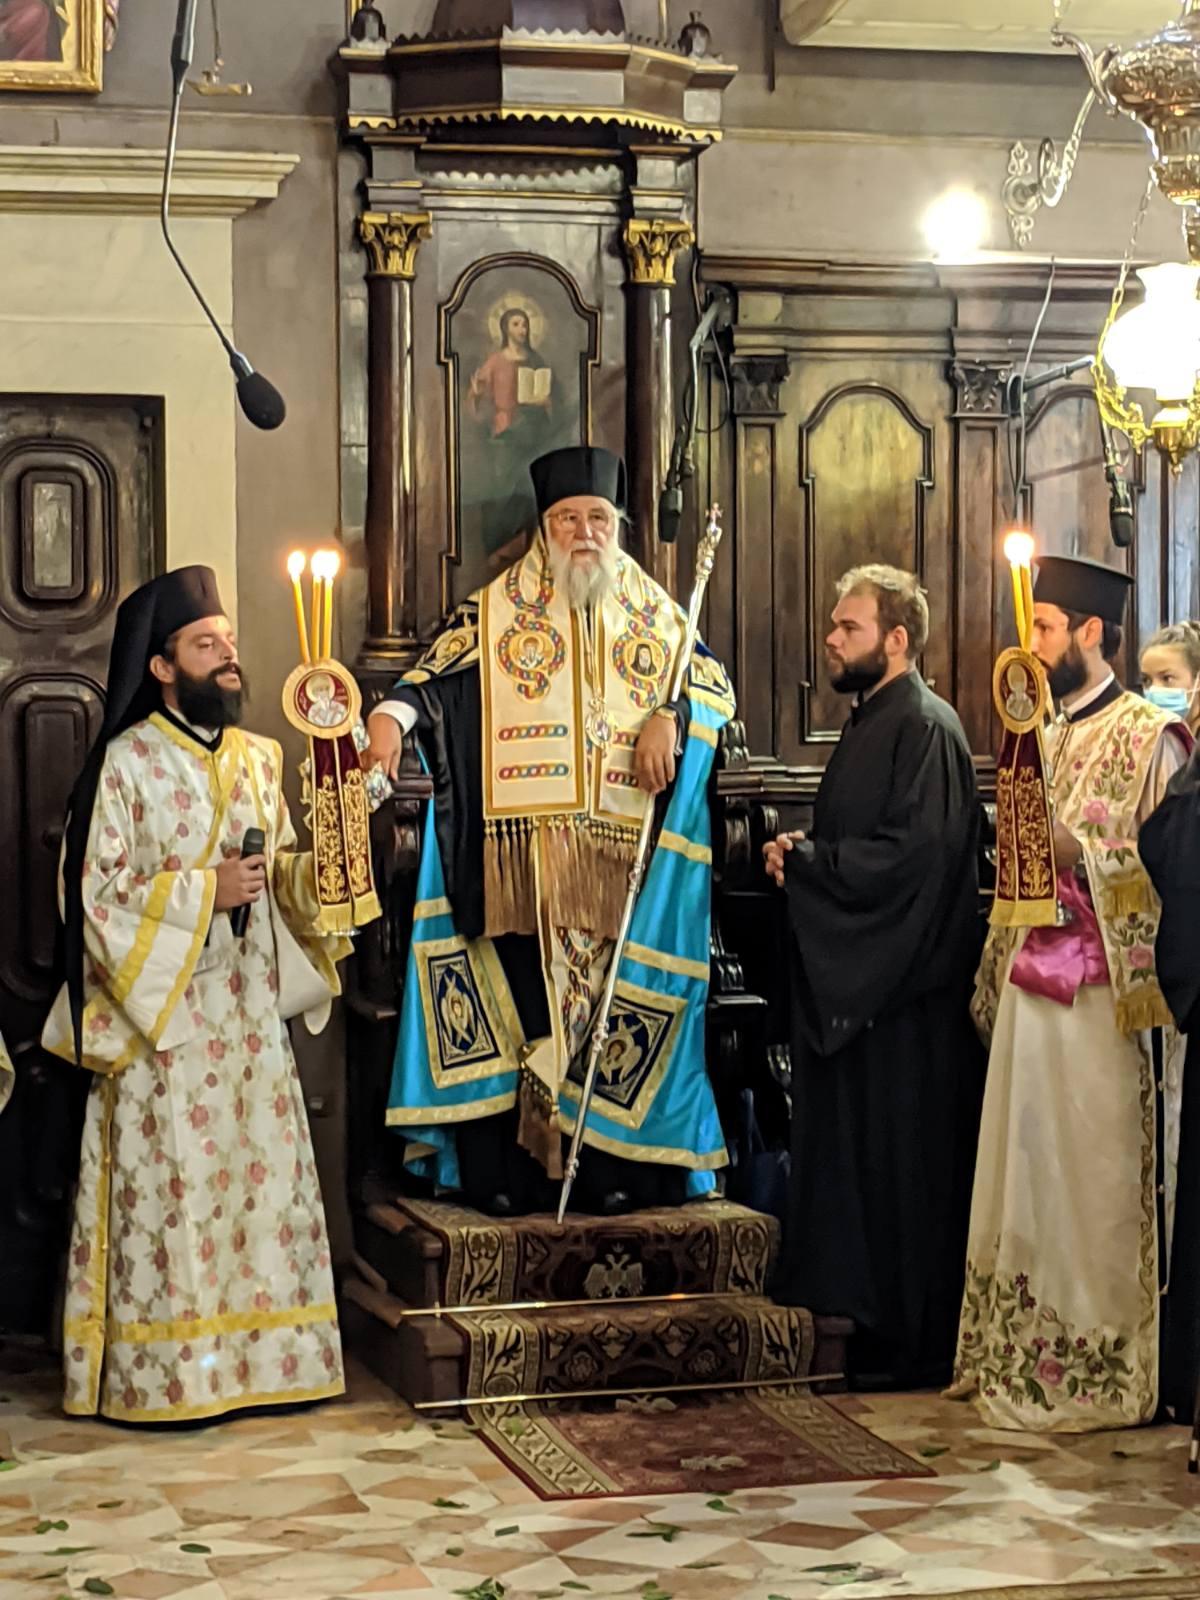 Τα Μπάσματα  του Αγίου Σπυρίδωνος στην Κέρκυρα